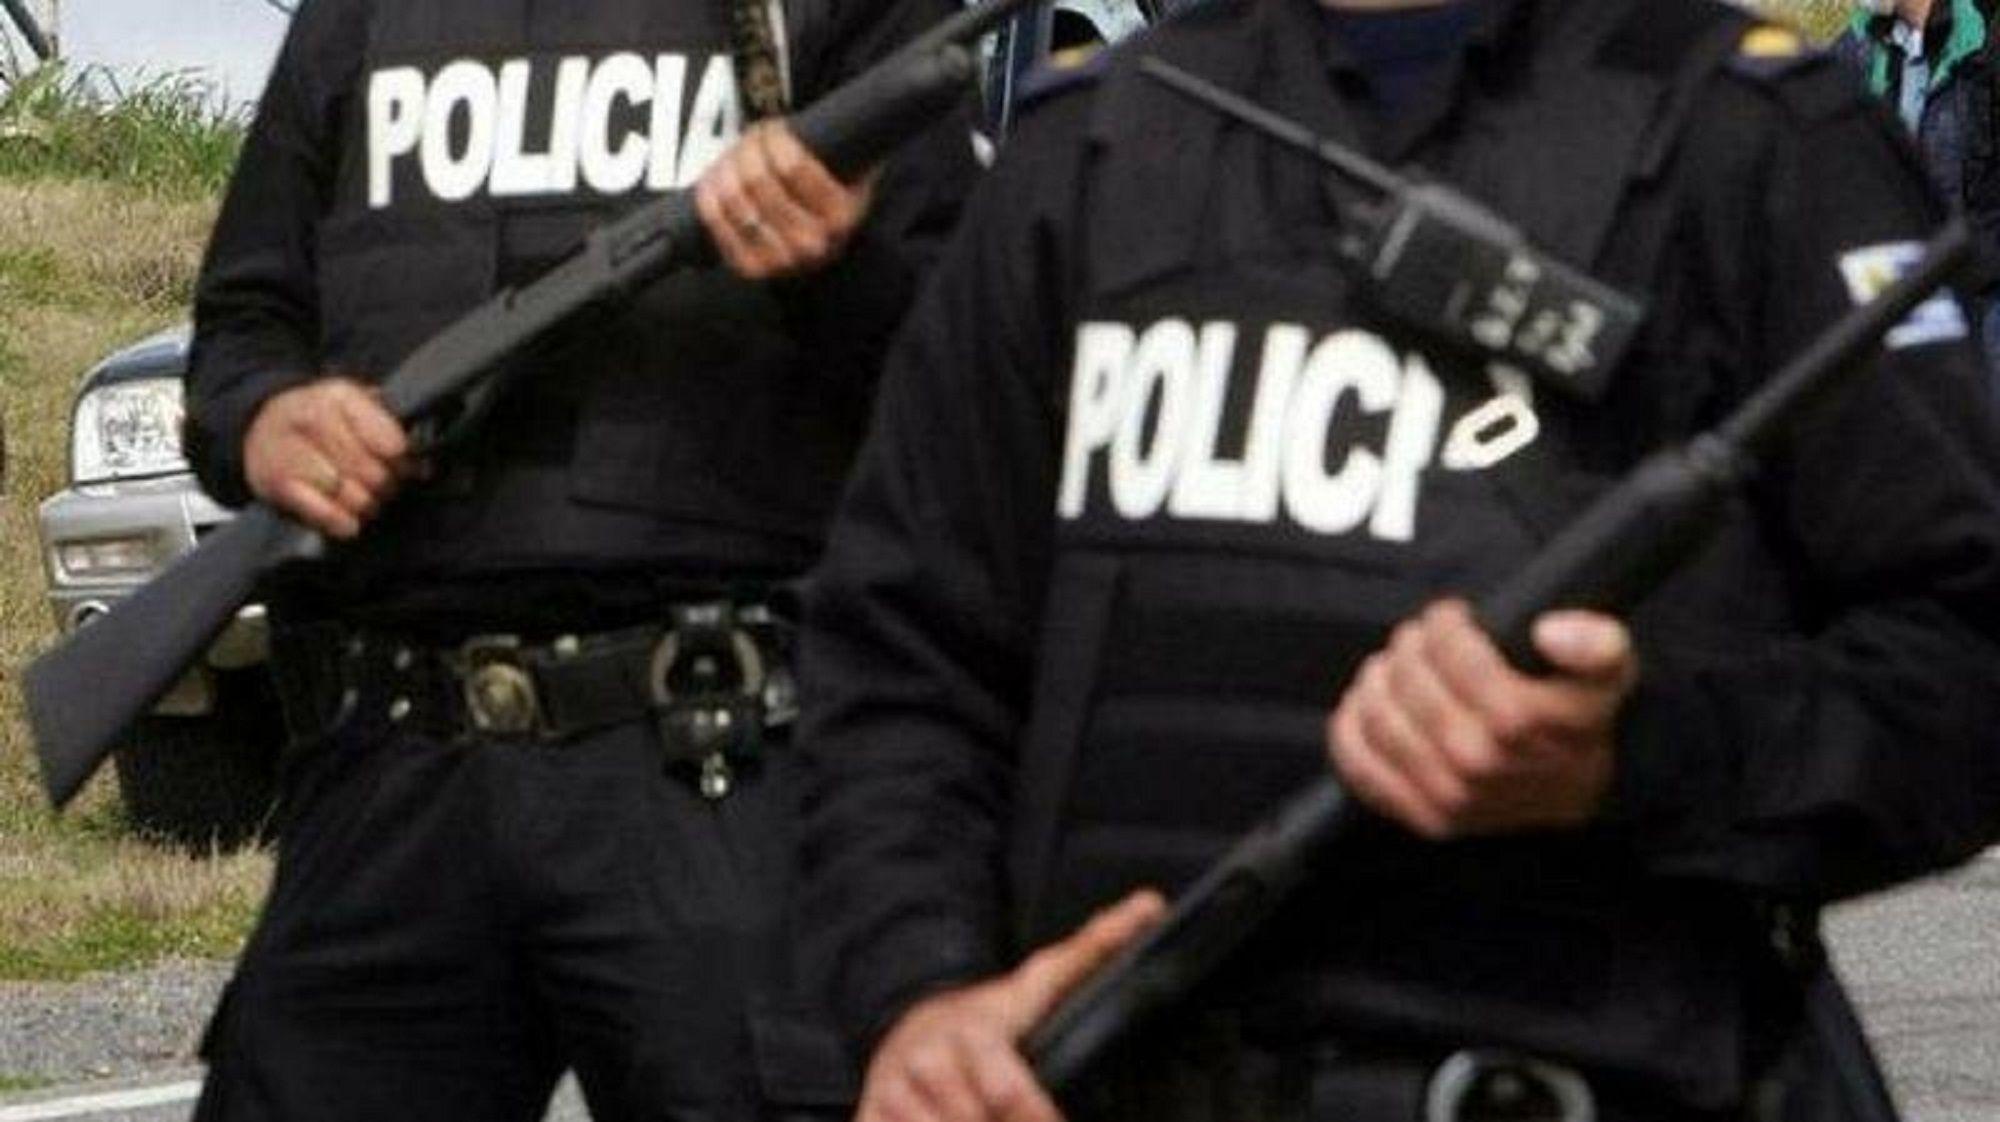 Una mujer policía denunció a un compañero por abuso sexual: la manoseó mientras dormía